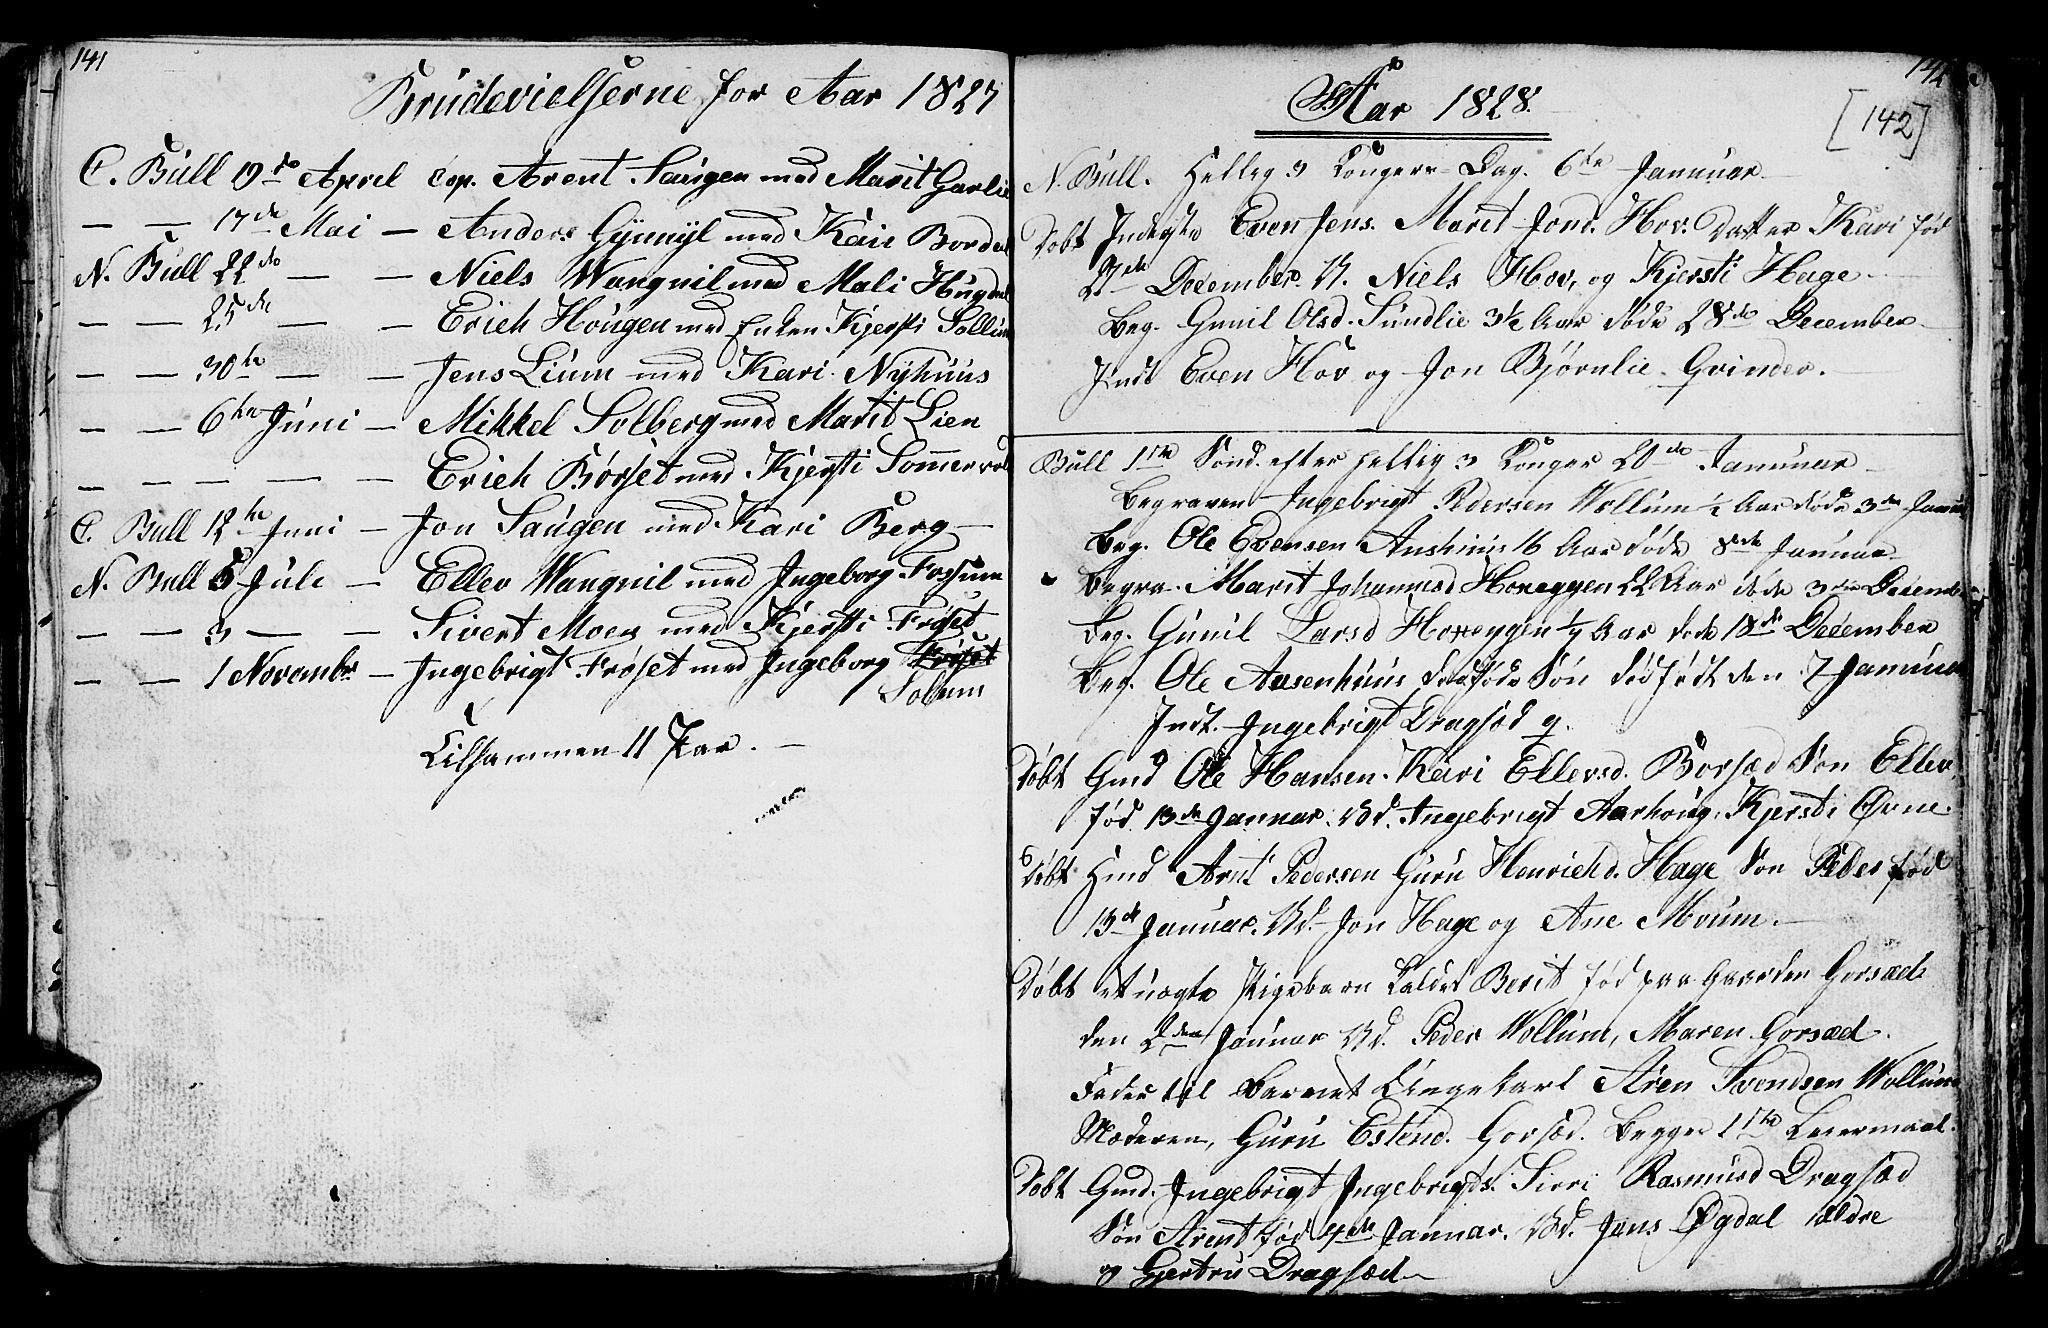 SAT, Ministerialprotokoller, klokkerbøker og fødselsregistre - Sør-Trøndelag, 689/L1042: Klokkerbok nr. 689C01, 1812-1841, s. 141-142